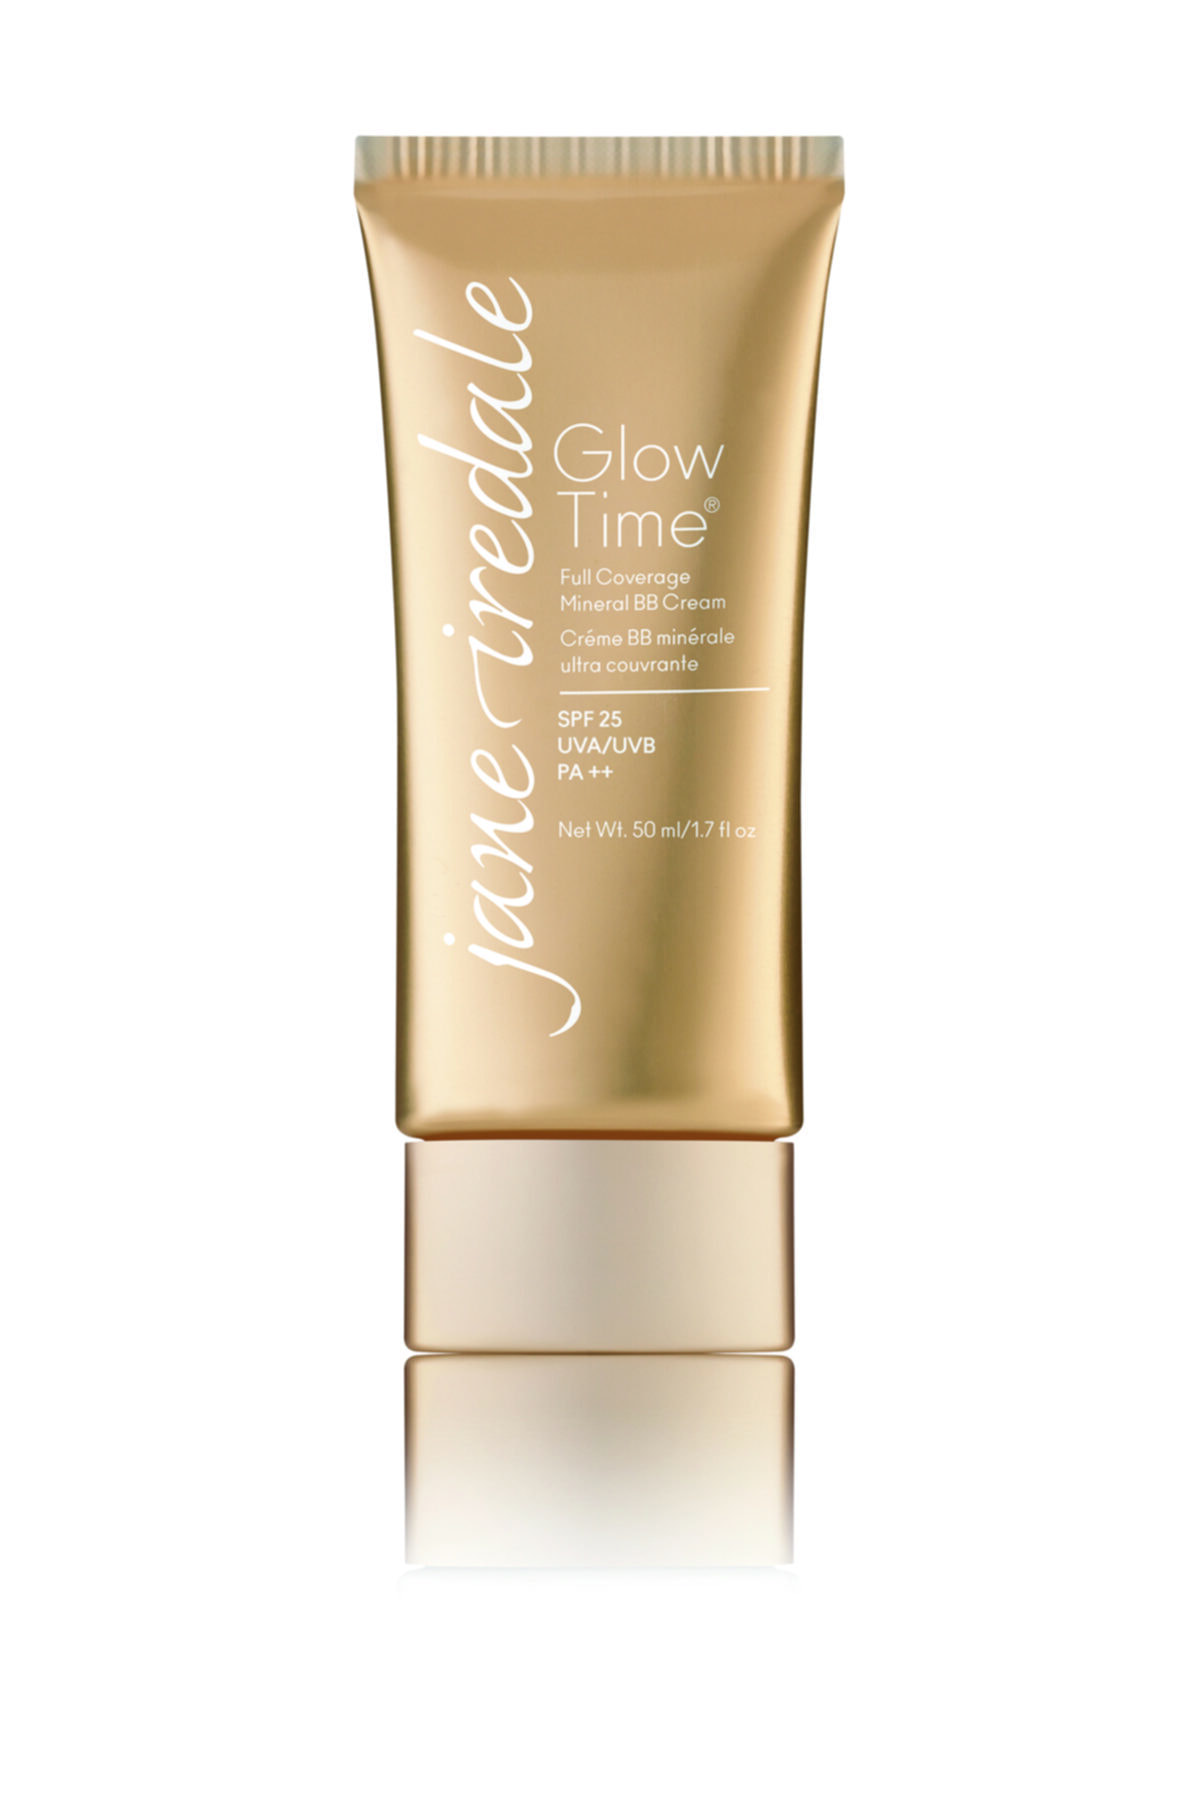 Mineral BB Kapatıcı - Glow Time Full Covarage Mineral BB Cream Spf 25 BB3 50 ml 670959120366